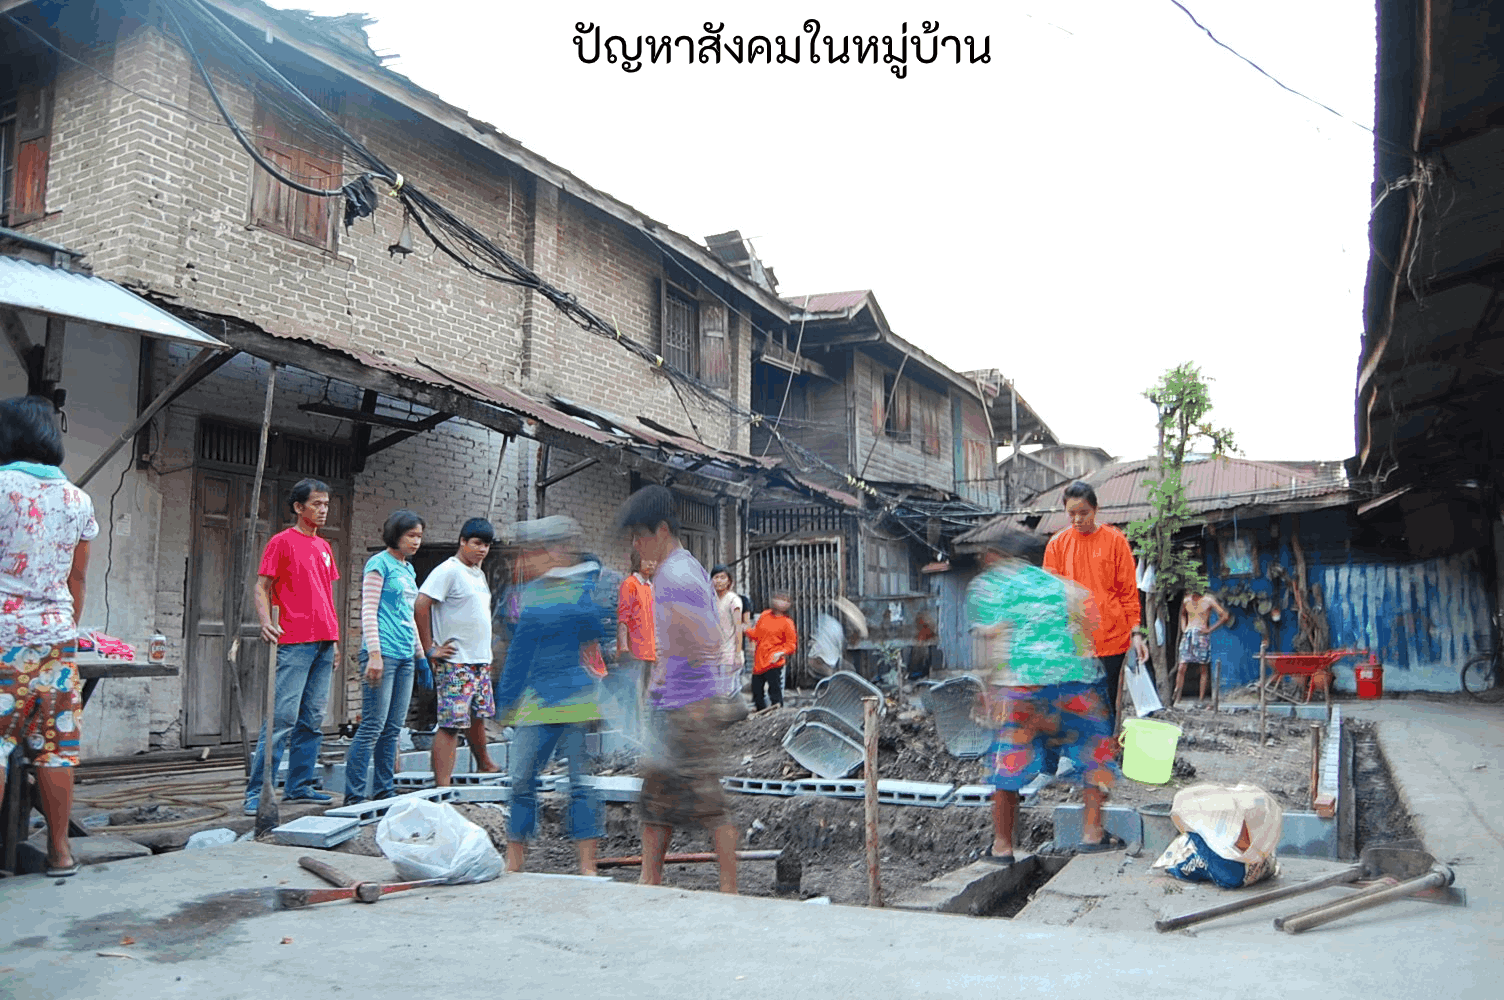 ปัญหาสังคมในหมู่บ้าน